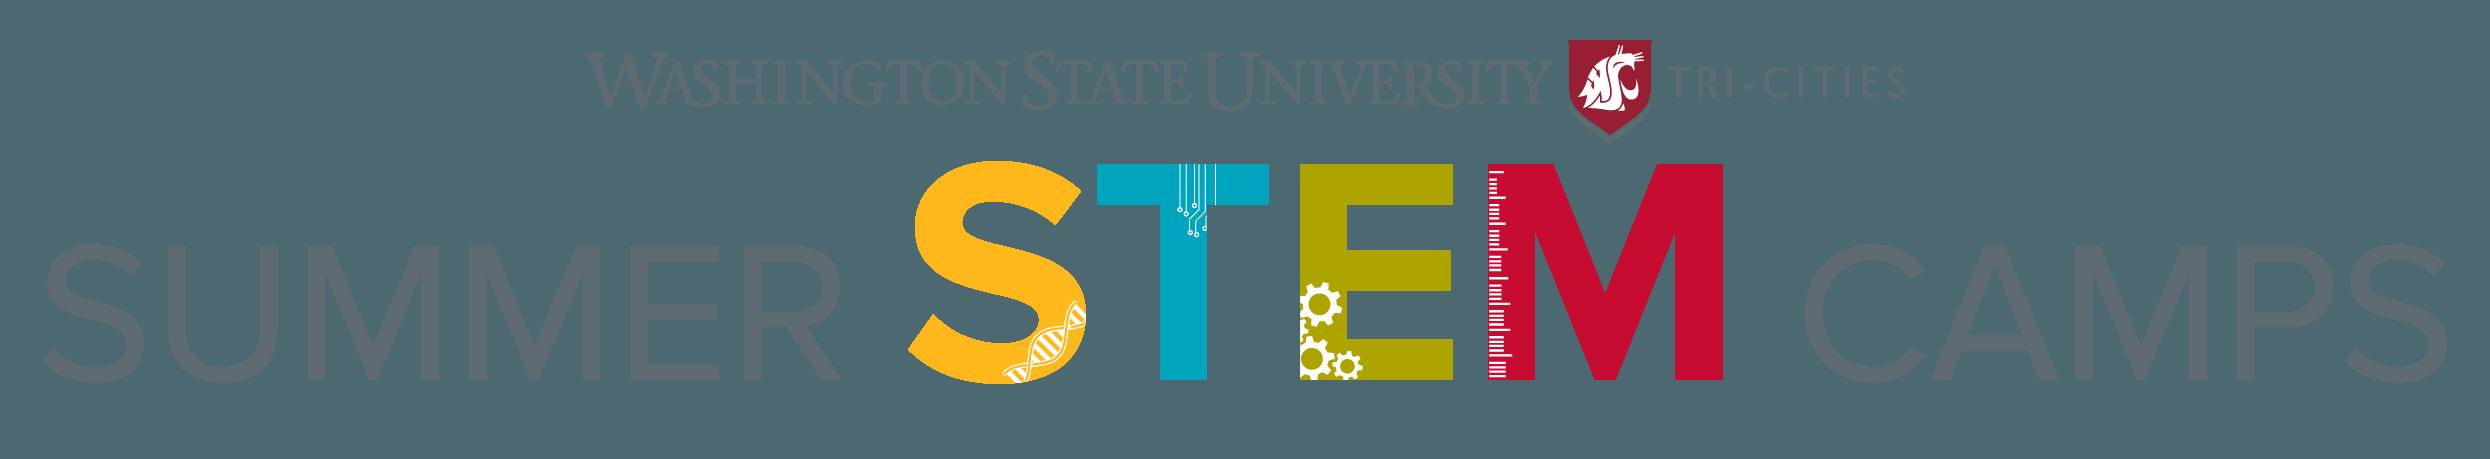 WSU Tri-Cities Summer STEM Camps